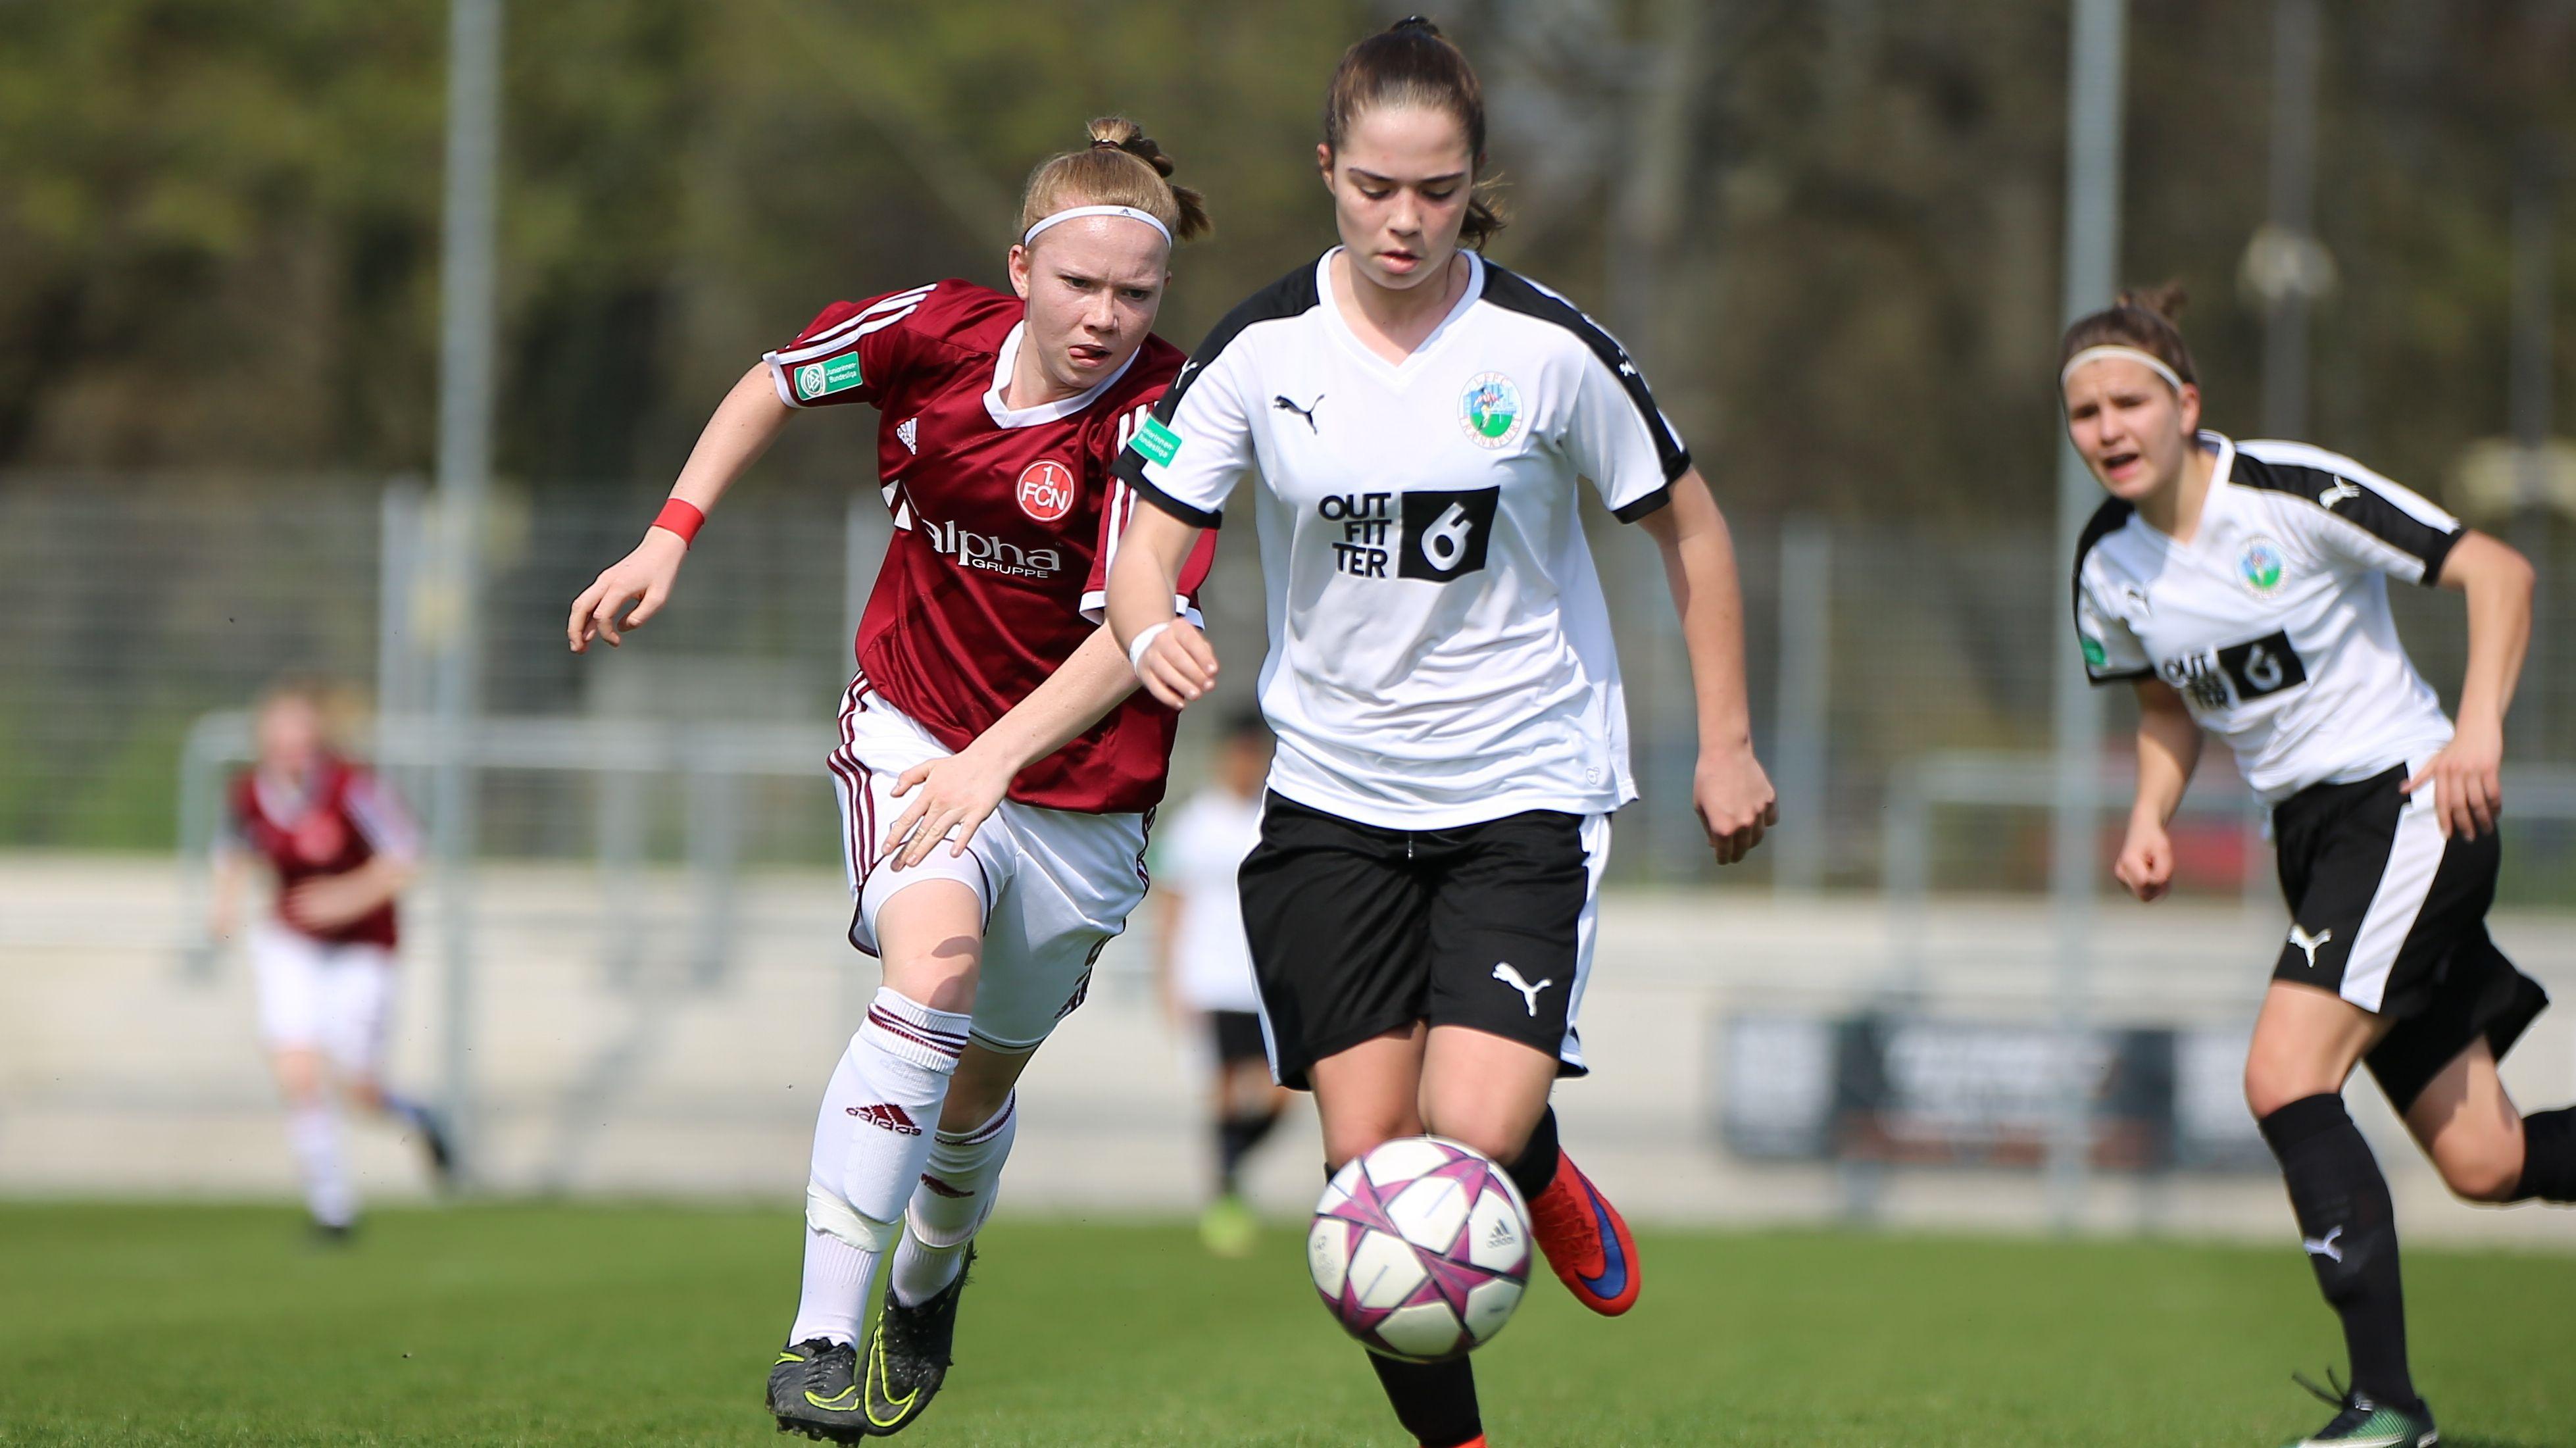 Junge Frauen beim Fußballspielen